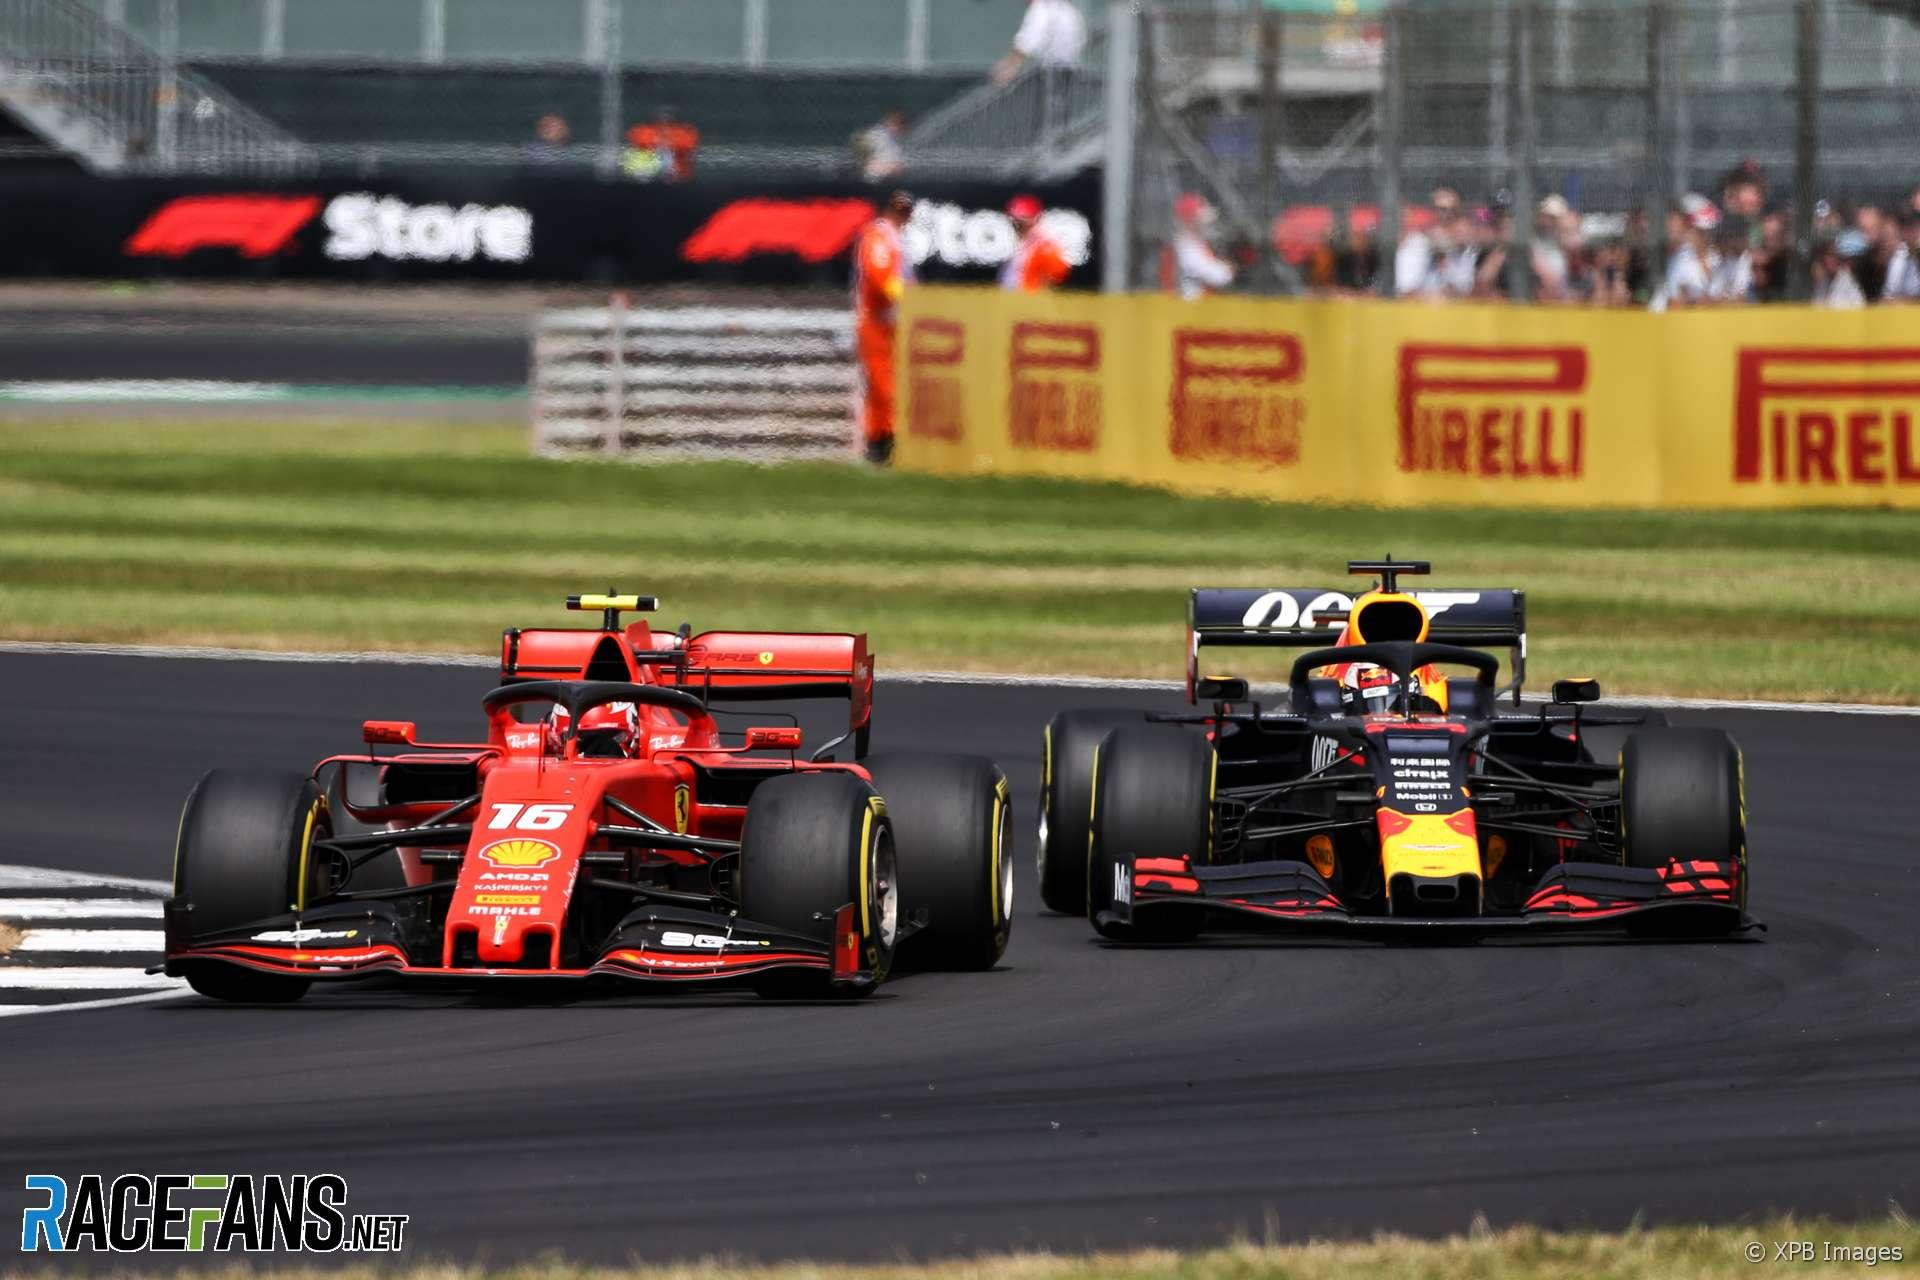 Verstappen: Leclerc's driving showed he's 'still sore from Austria'